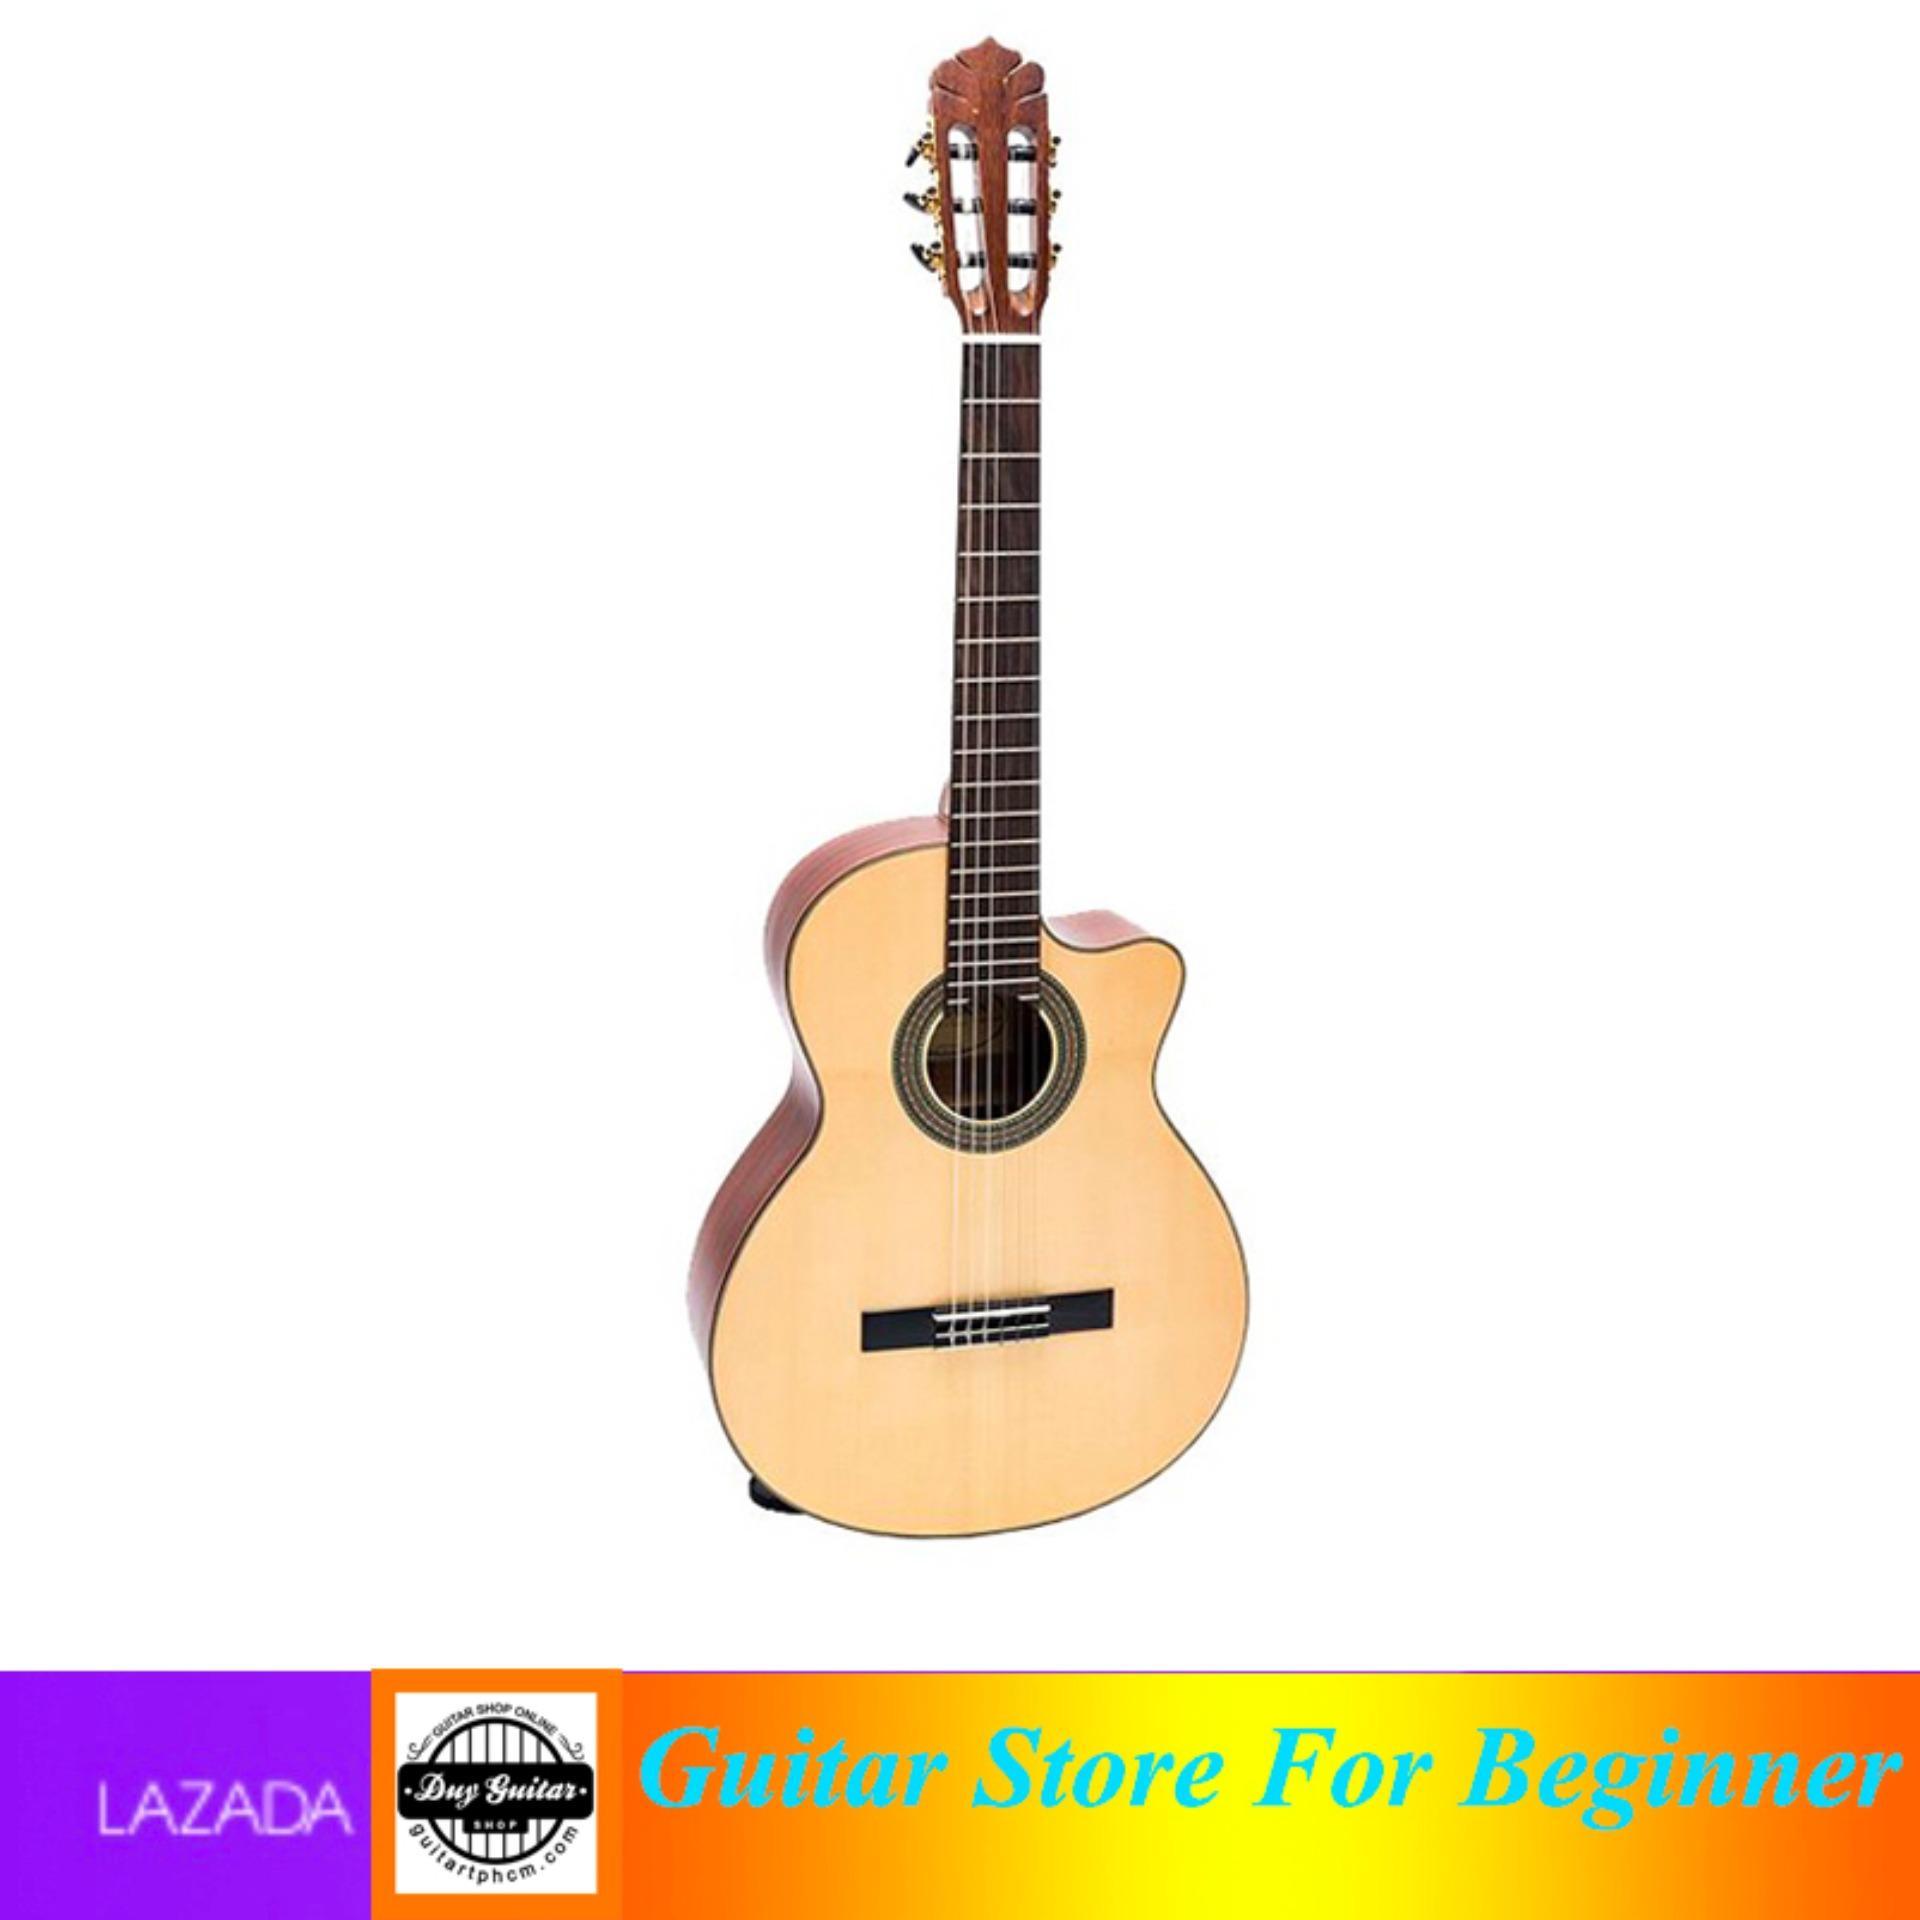 Đàn guitar Classic guitar  DC350J - Shop Duy Guitar chuyên đàn guitar giá tốt uy tín